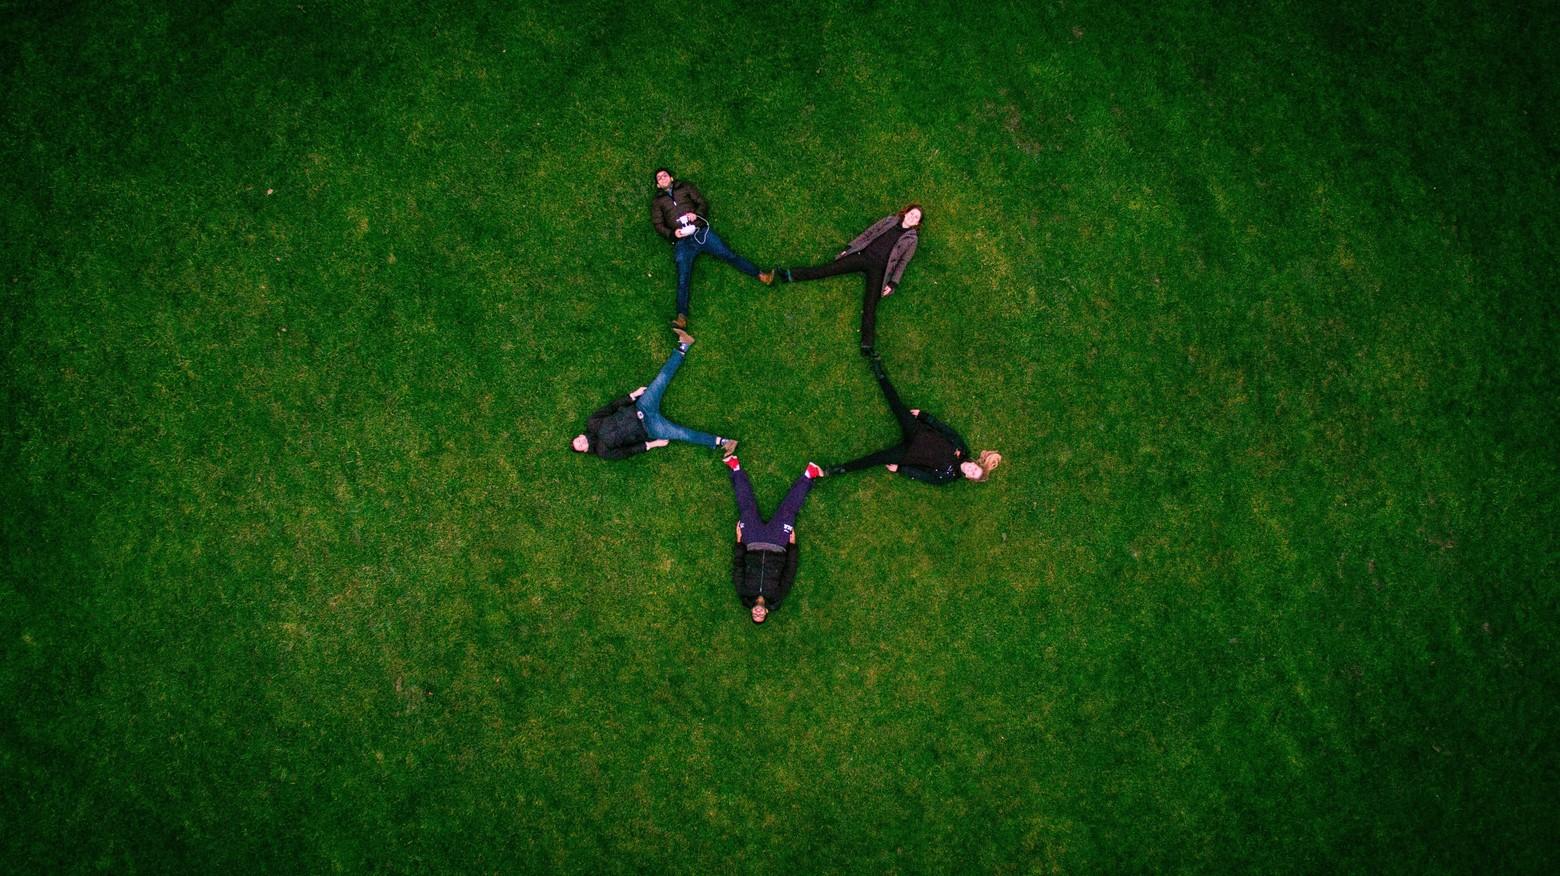 cinq personnes allongées sur l'herbe faisant signe étoiles